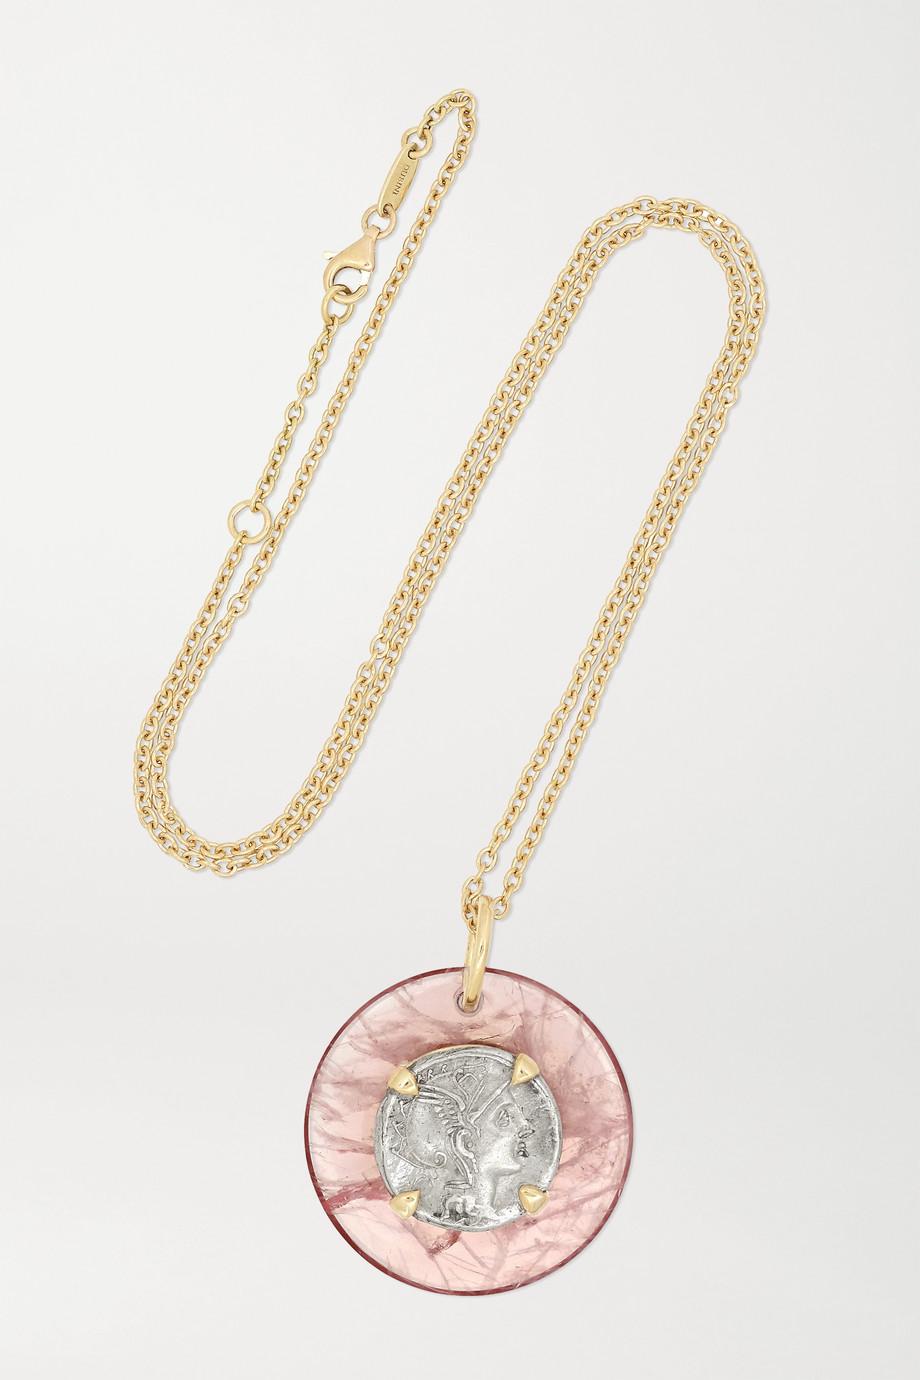 Dubini Roma Kette aus 18 Karat Gold und Silber mit Rosenquarz